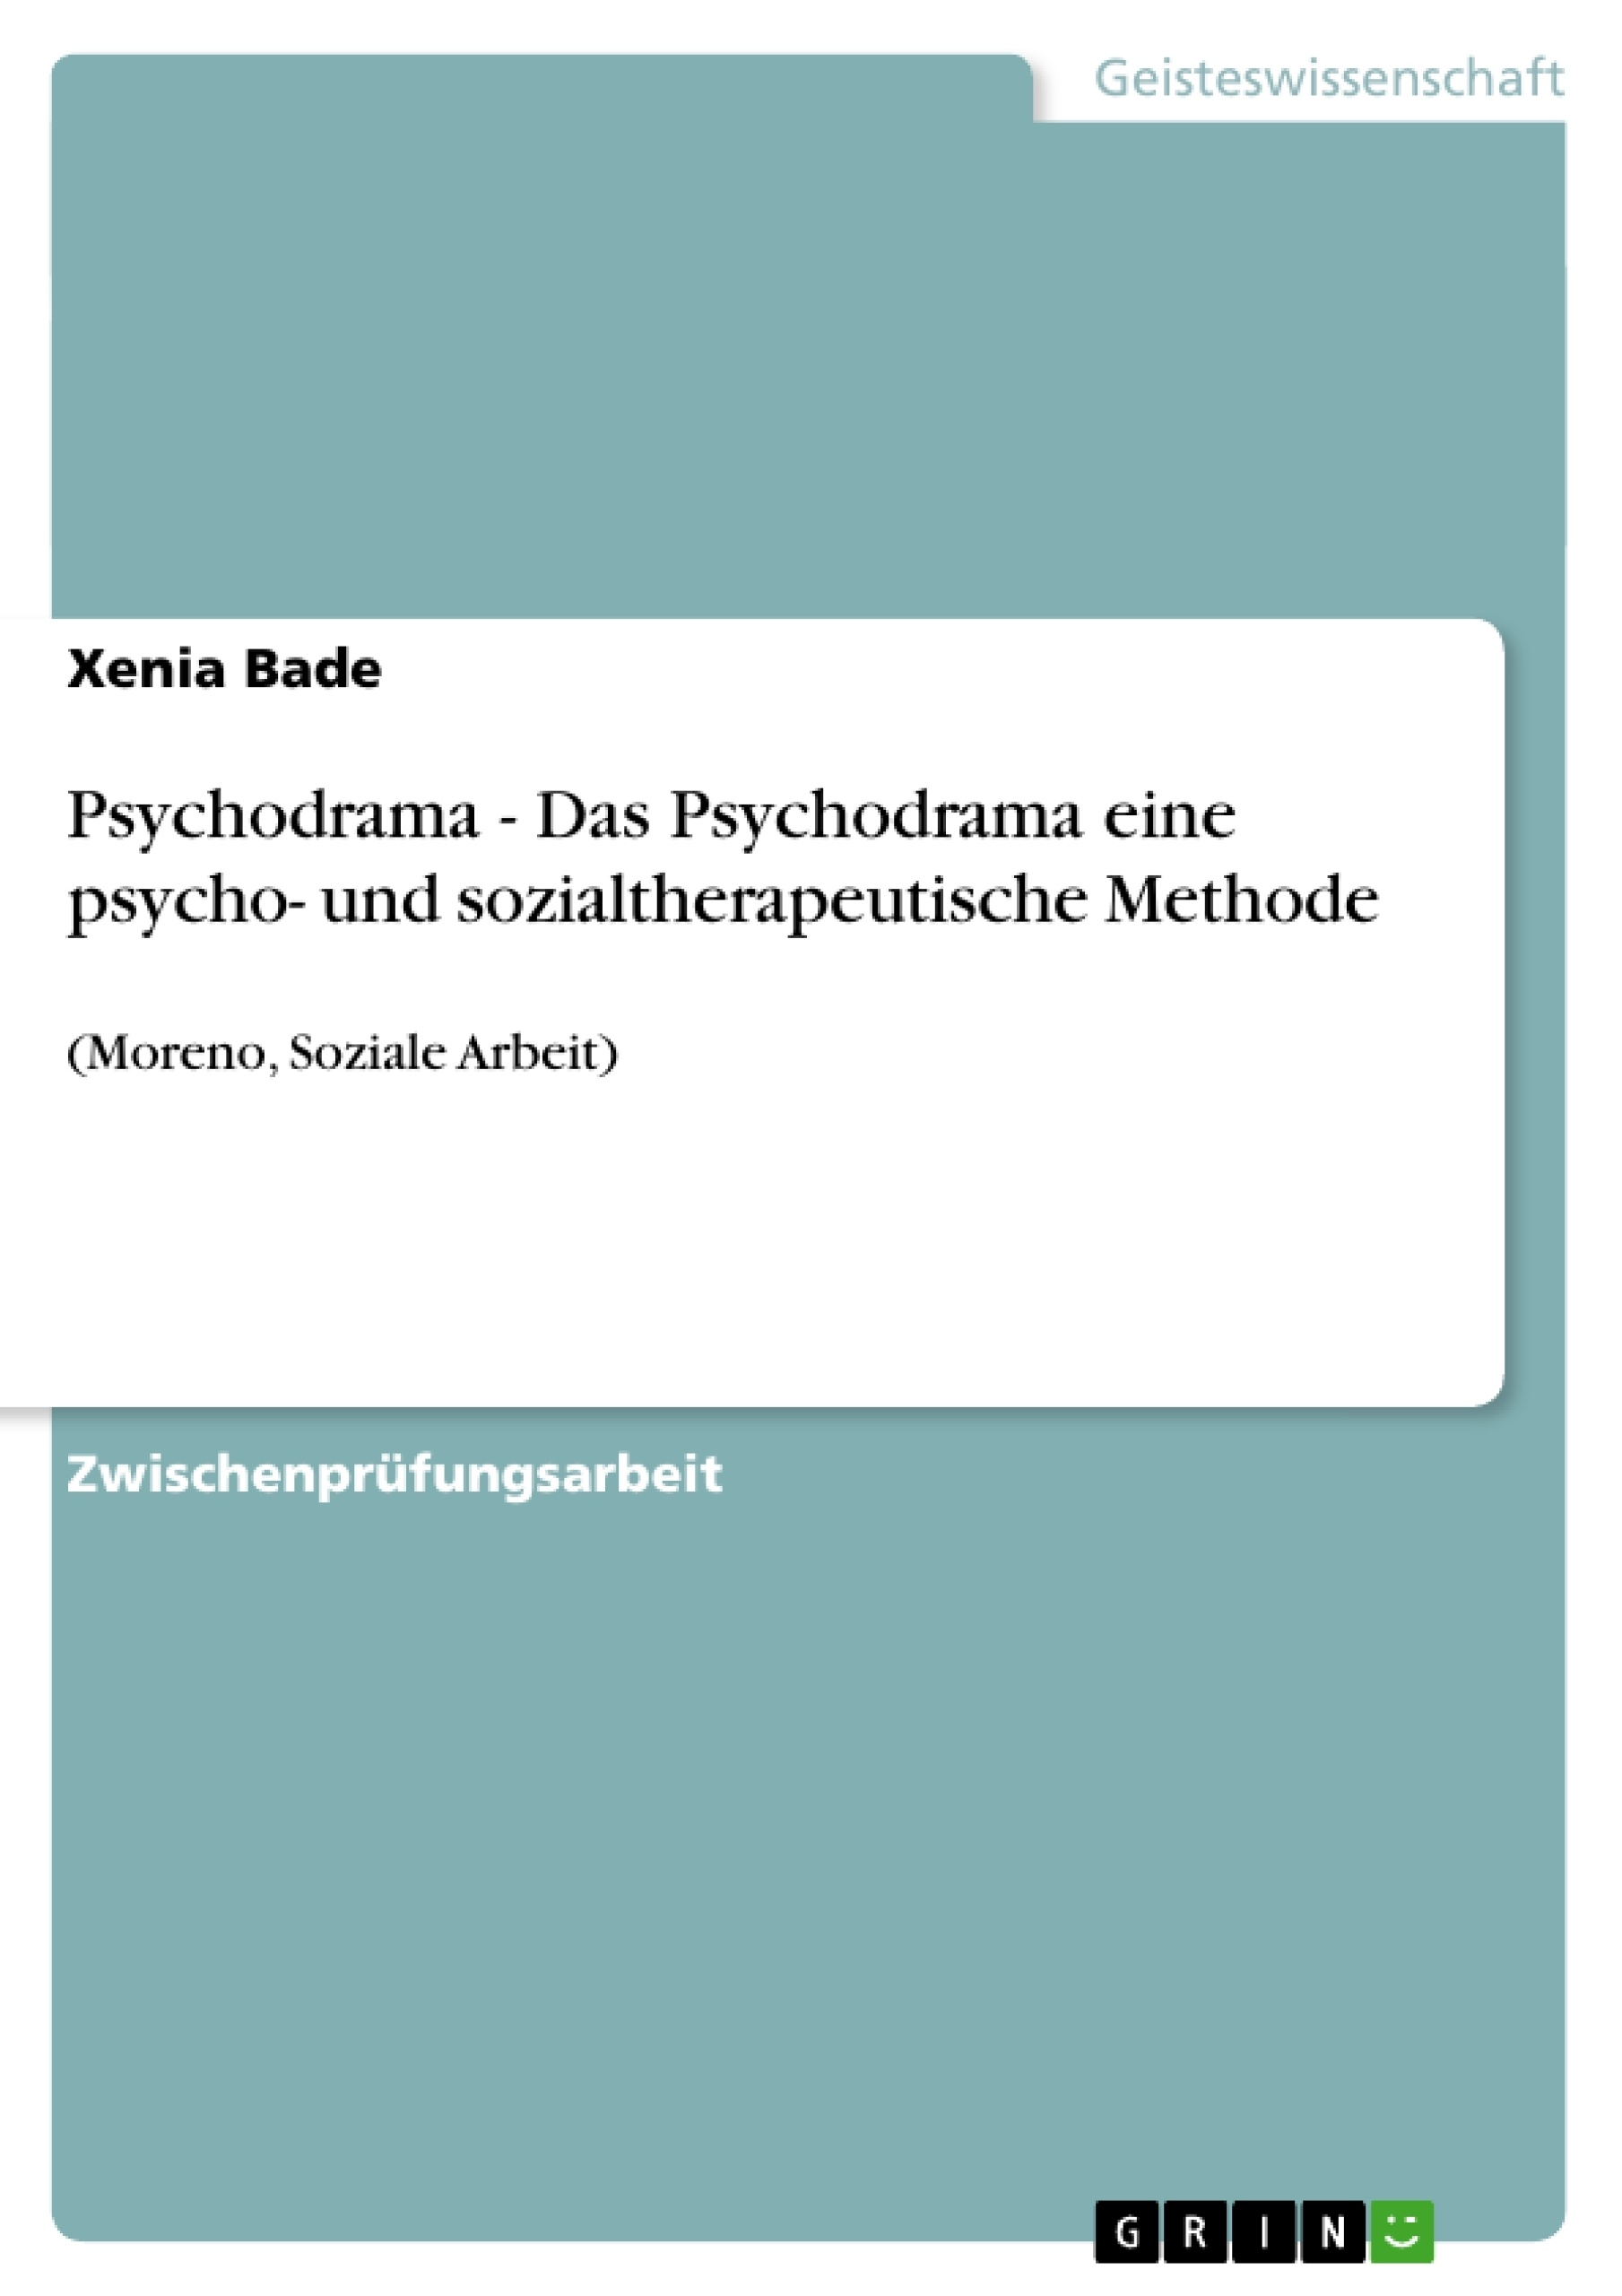 Titel: Psychodrama - Das Psychodrama eine psycho- und sozialtherapeutische Methode